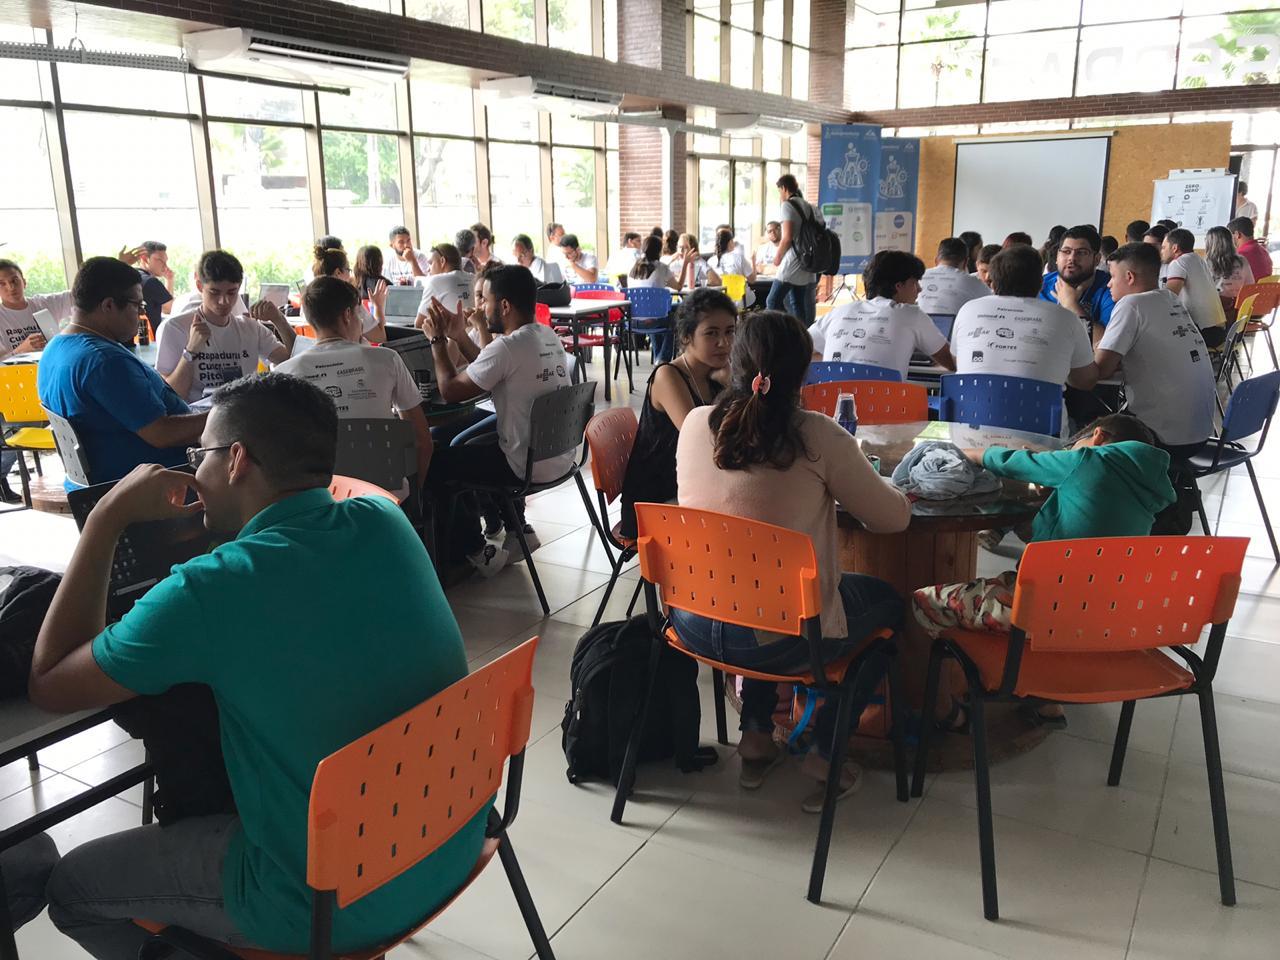 Sala de aula com uma pessoa apresentando-se e os alunos, que aparecem de costas para a foto, assistindo